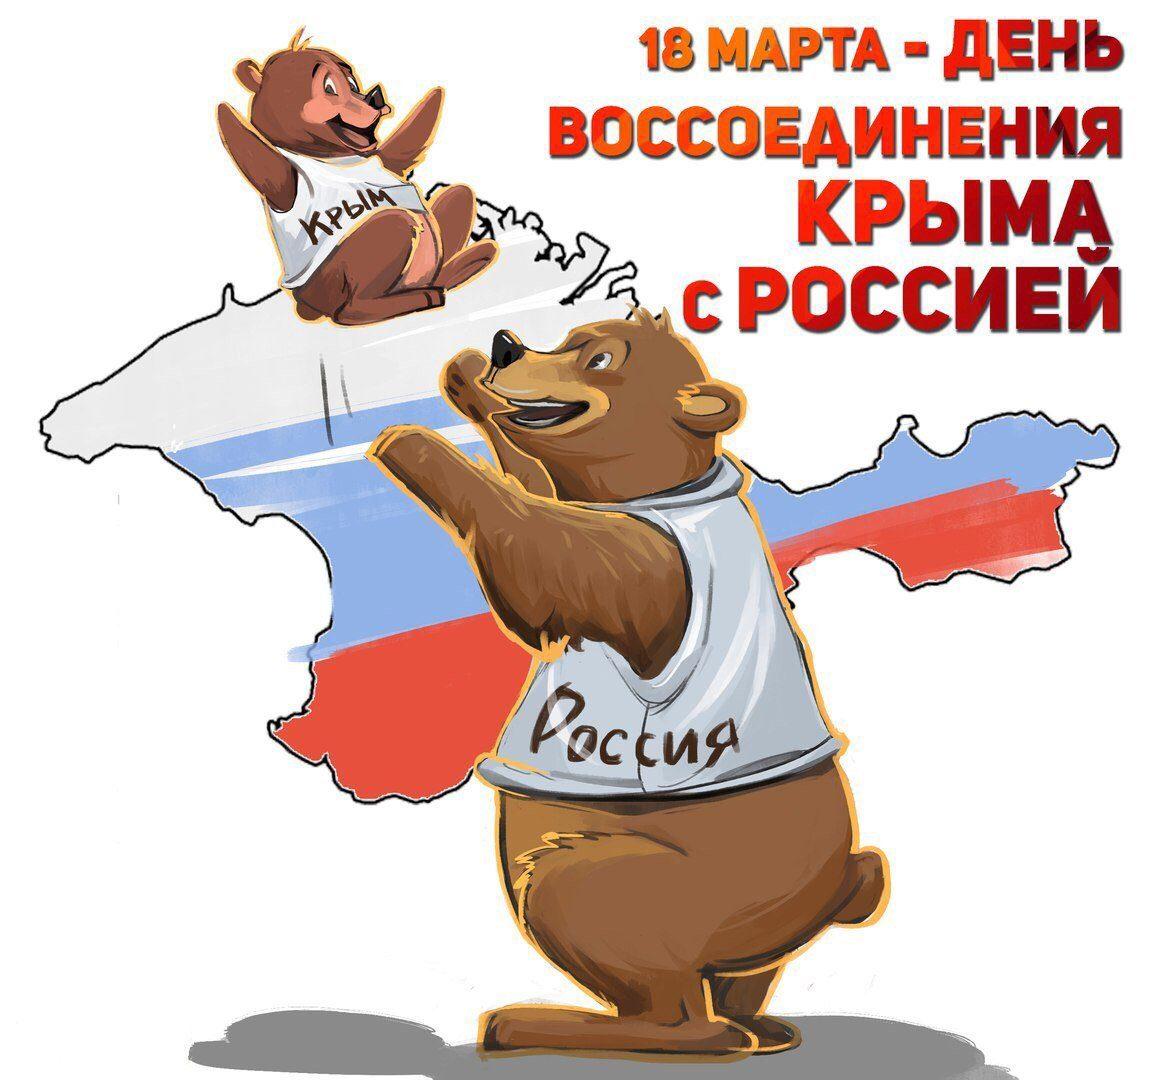 поздравления крыма с россией читайте советы